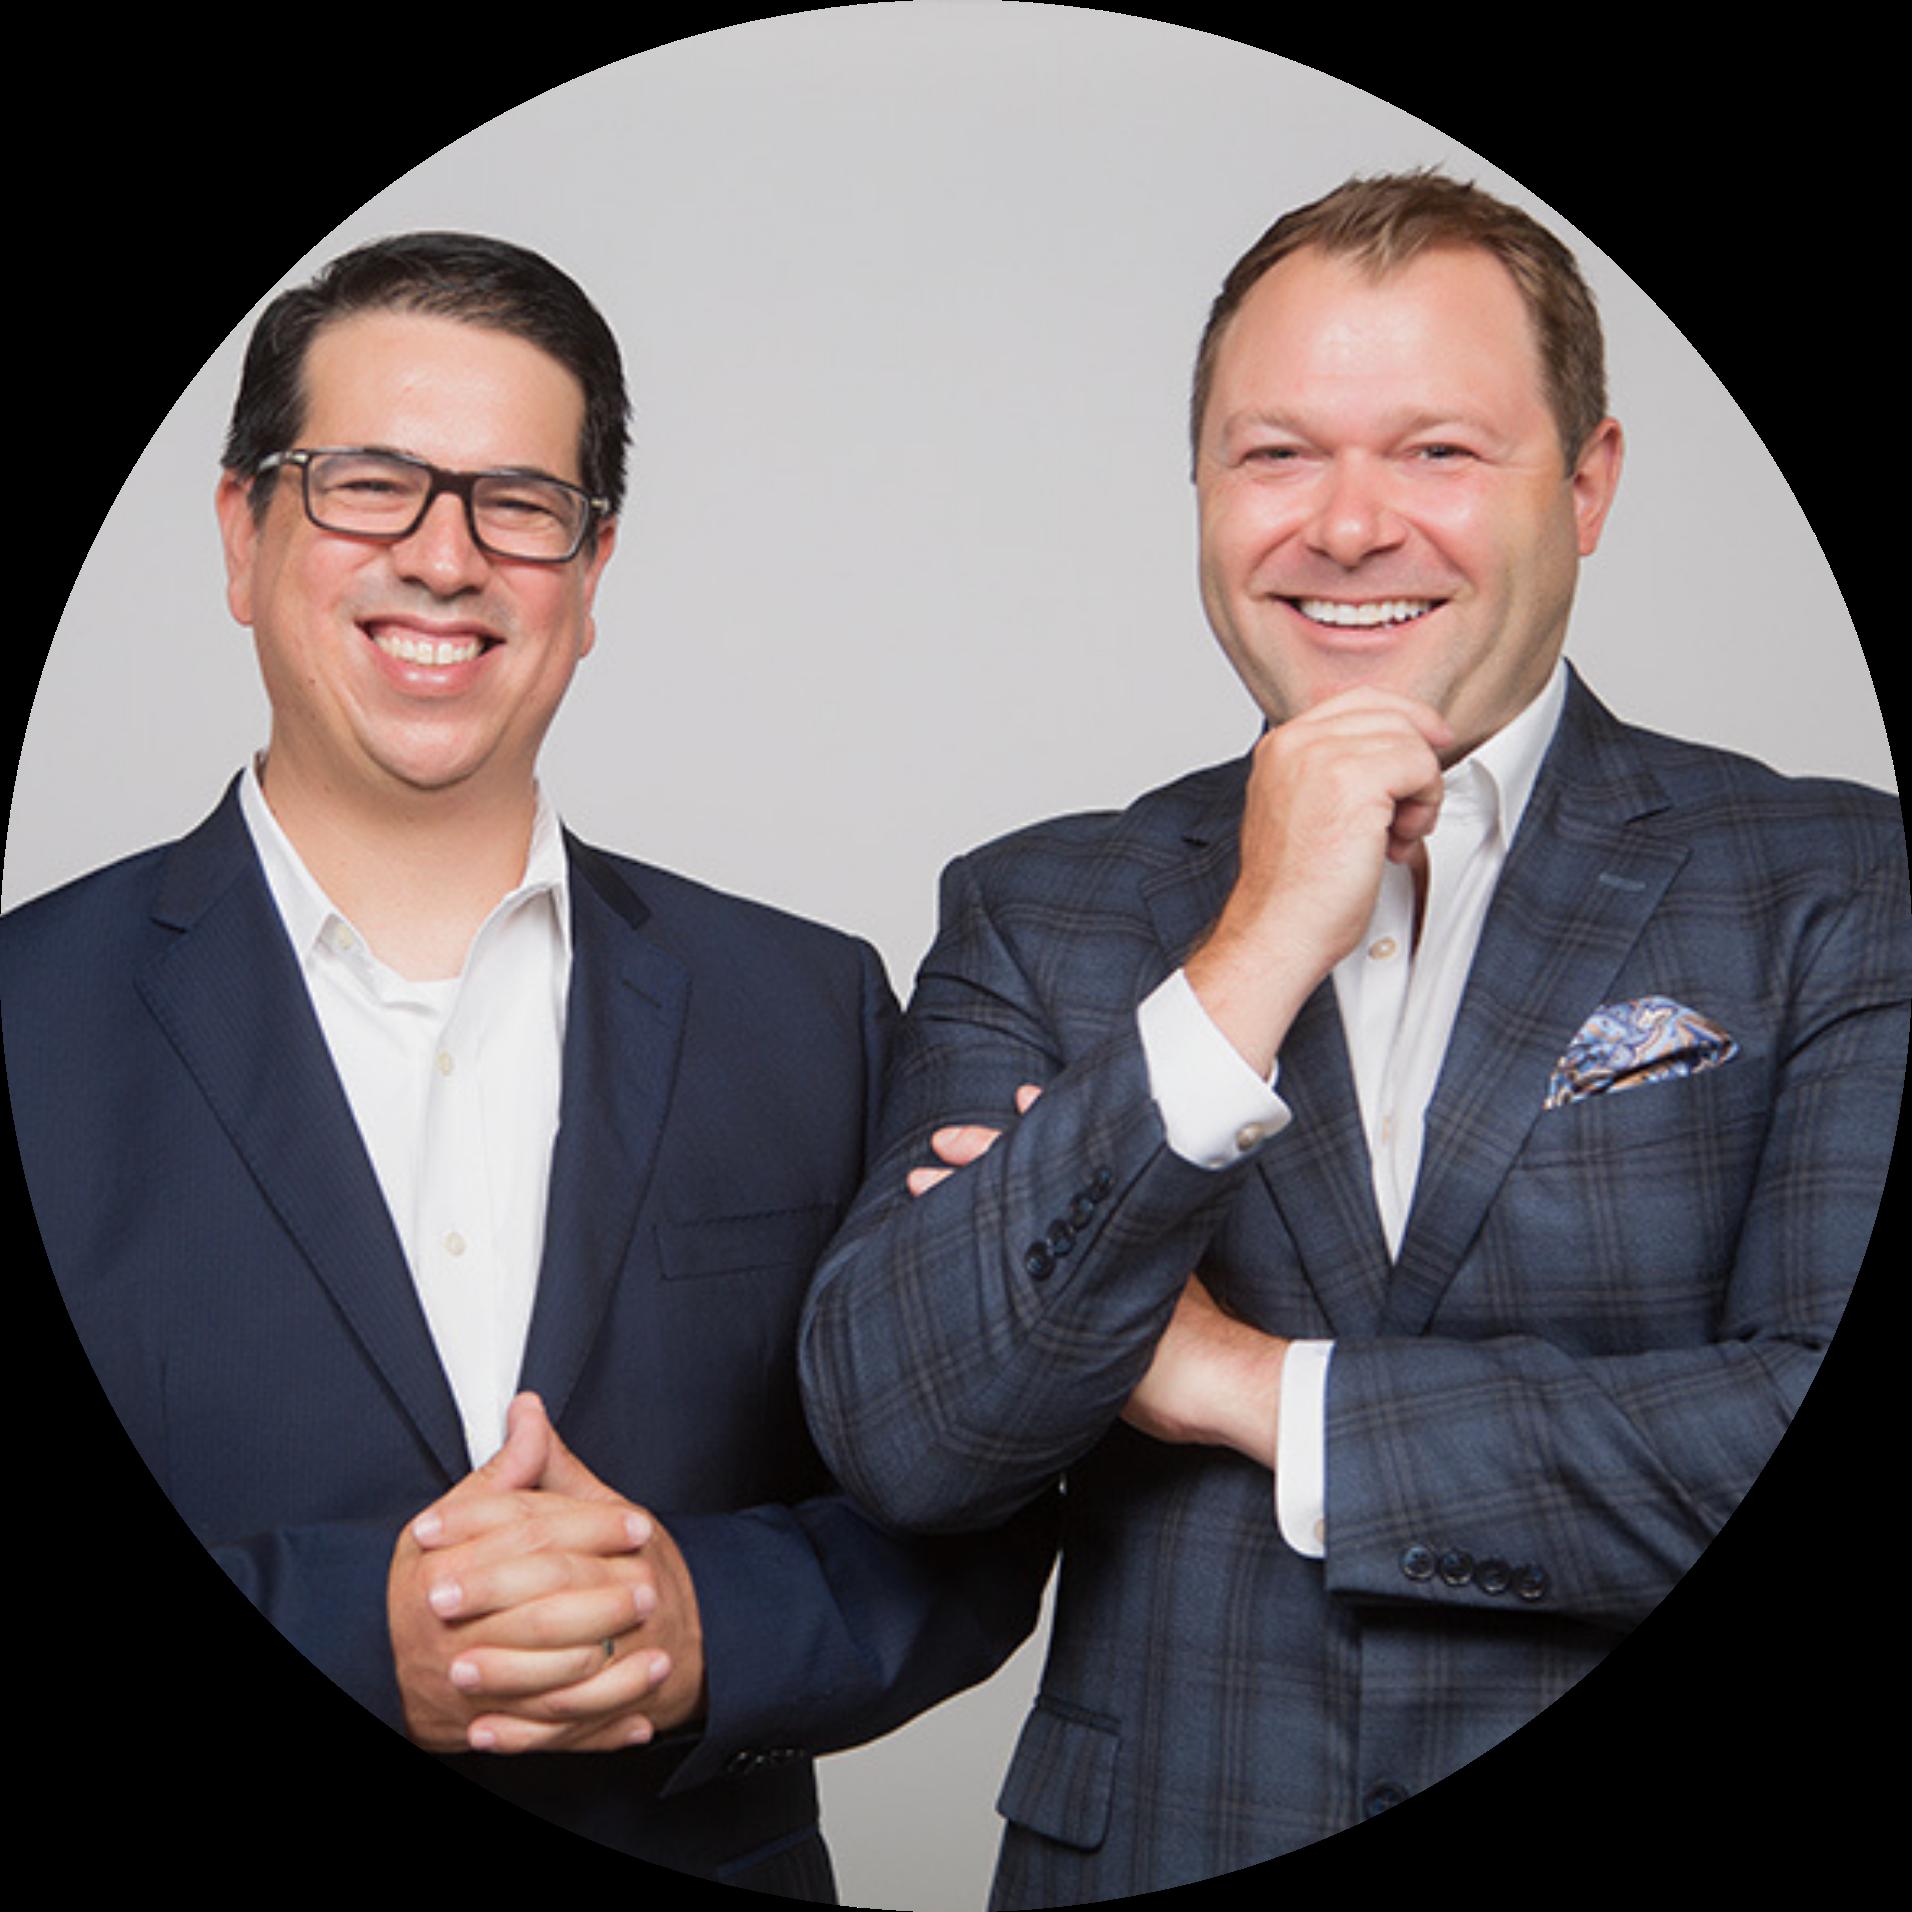 Picture of LeggUP Co-founders, Tom Finn and Viktor Bullain